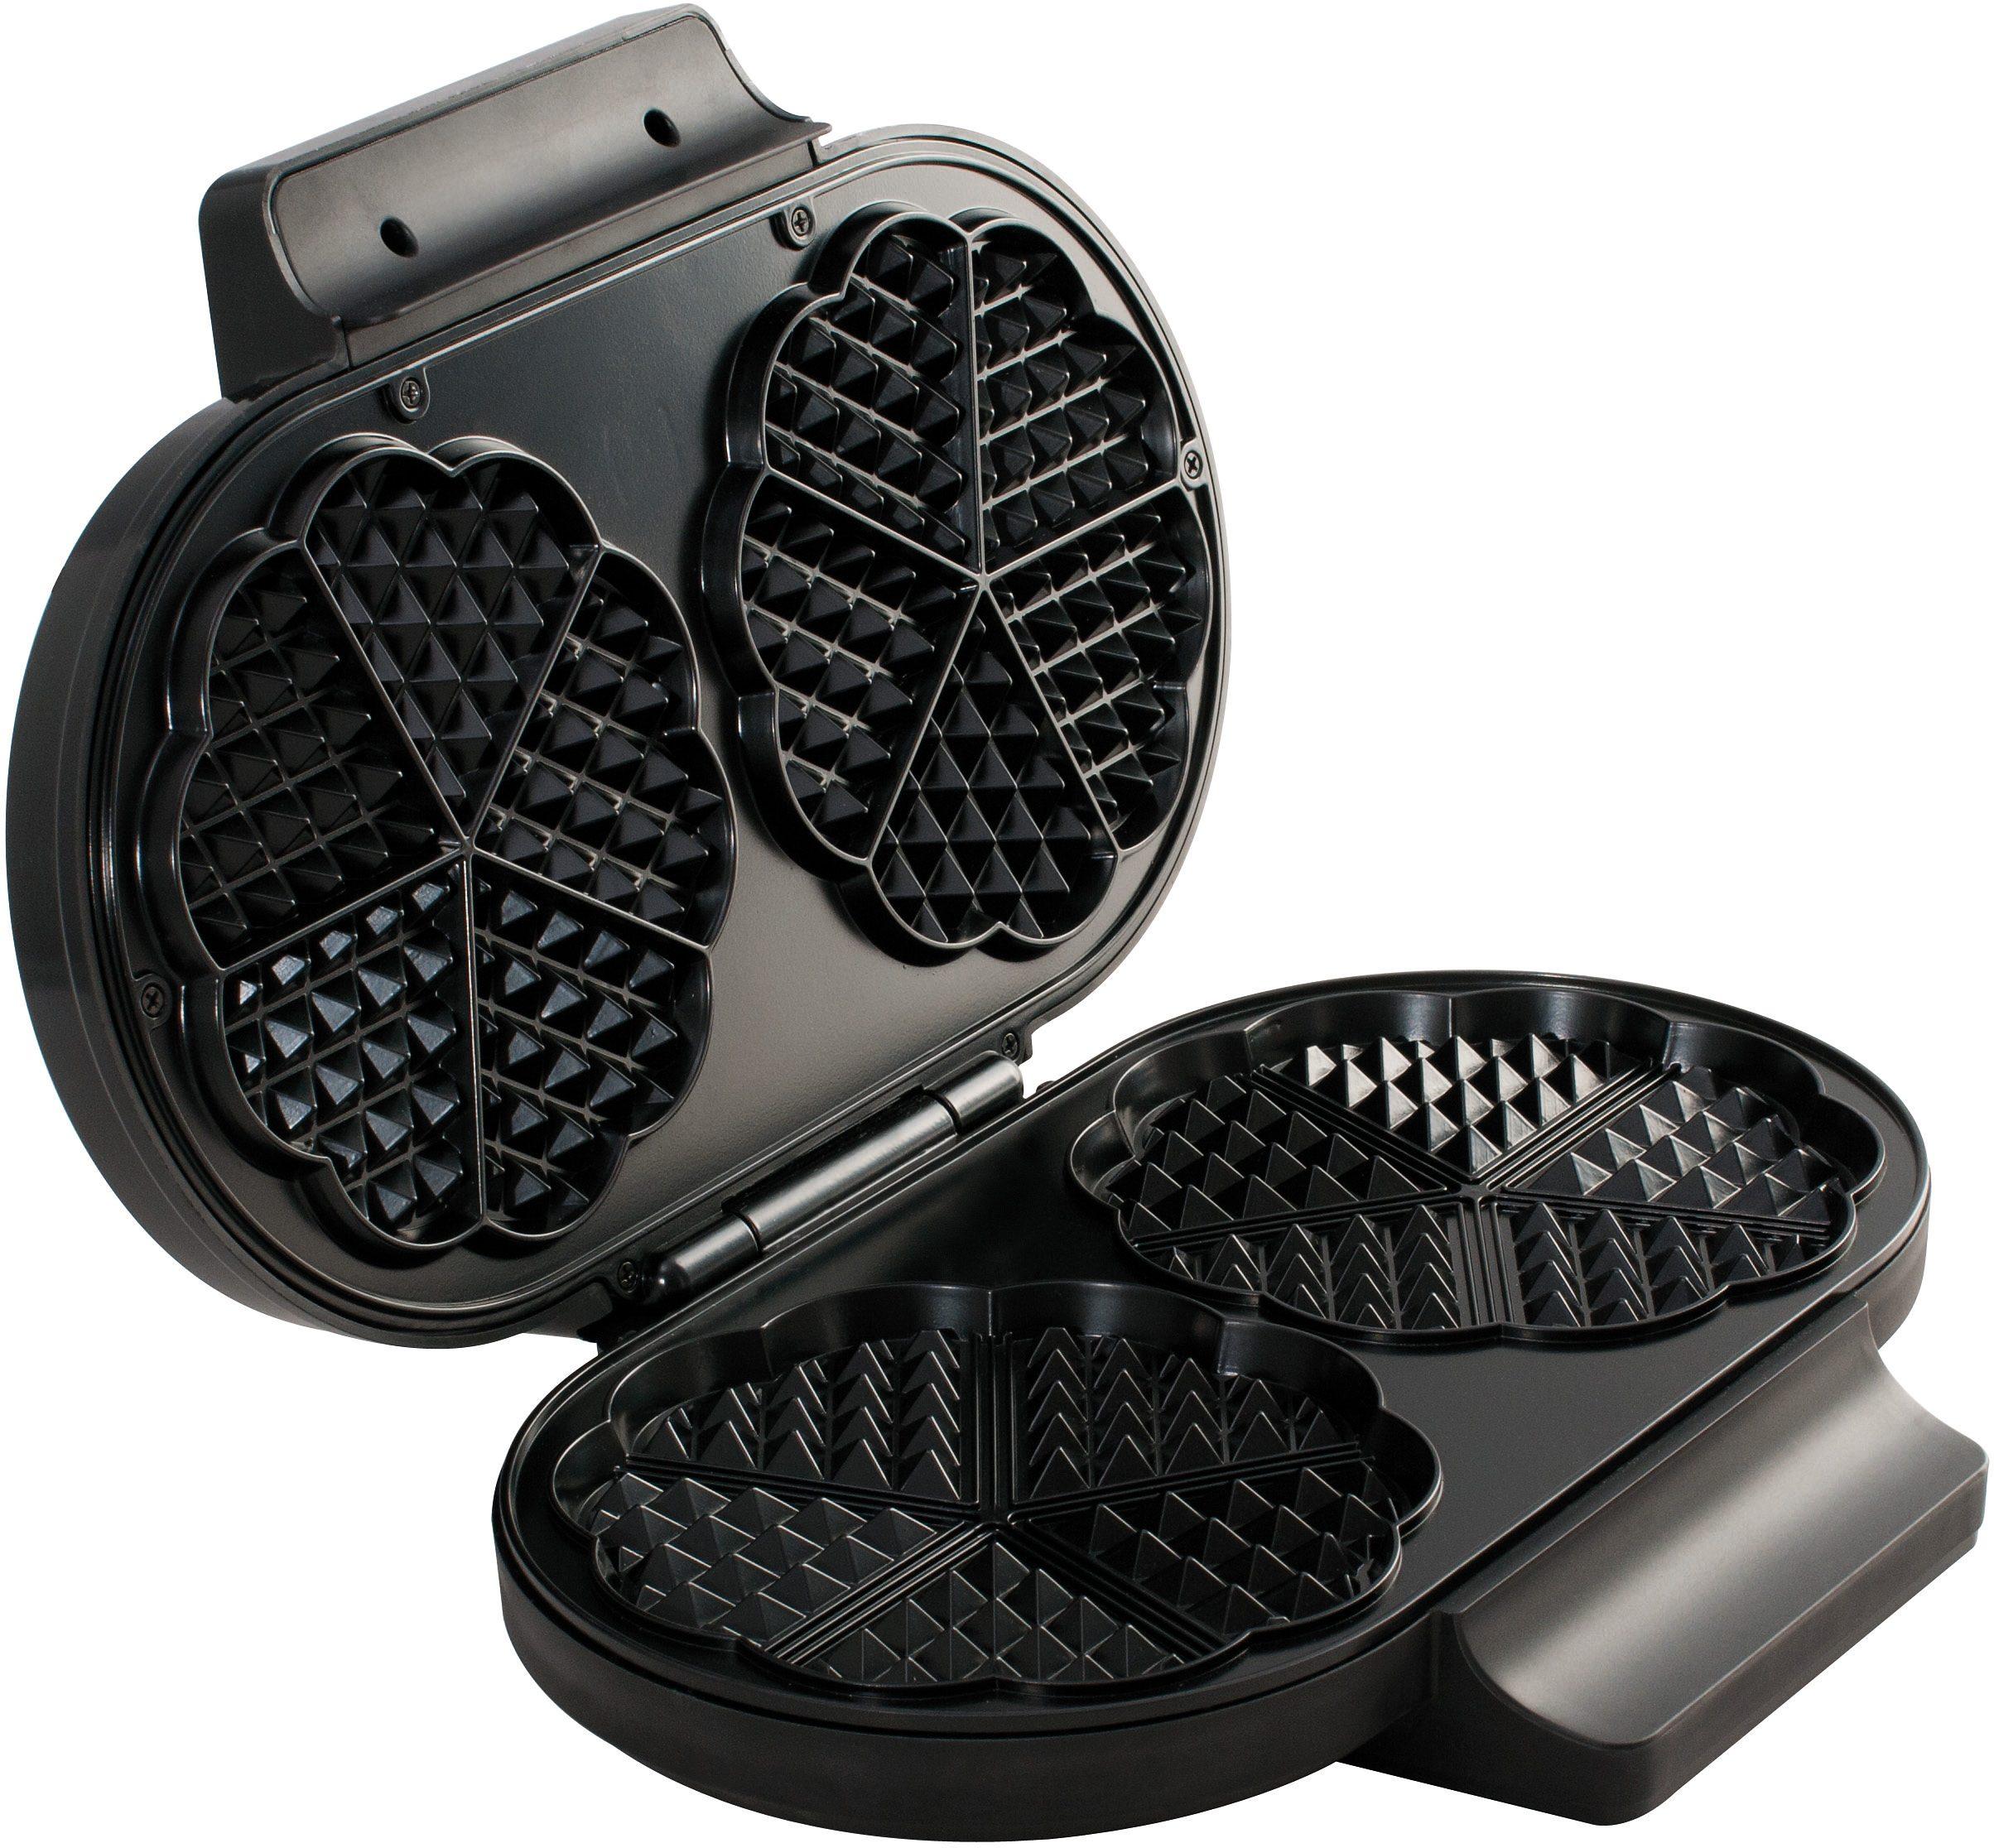 MIA Waffeleisen WA 6064, 1300 Watt | Küche und Esszimmer > Küchengeräte > Waffeleisen | MIA